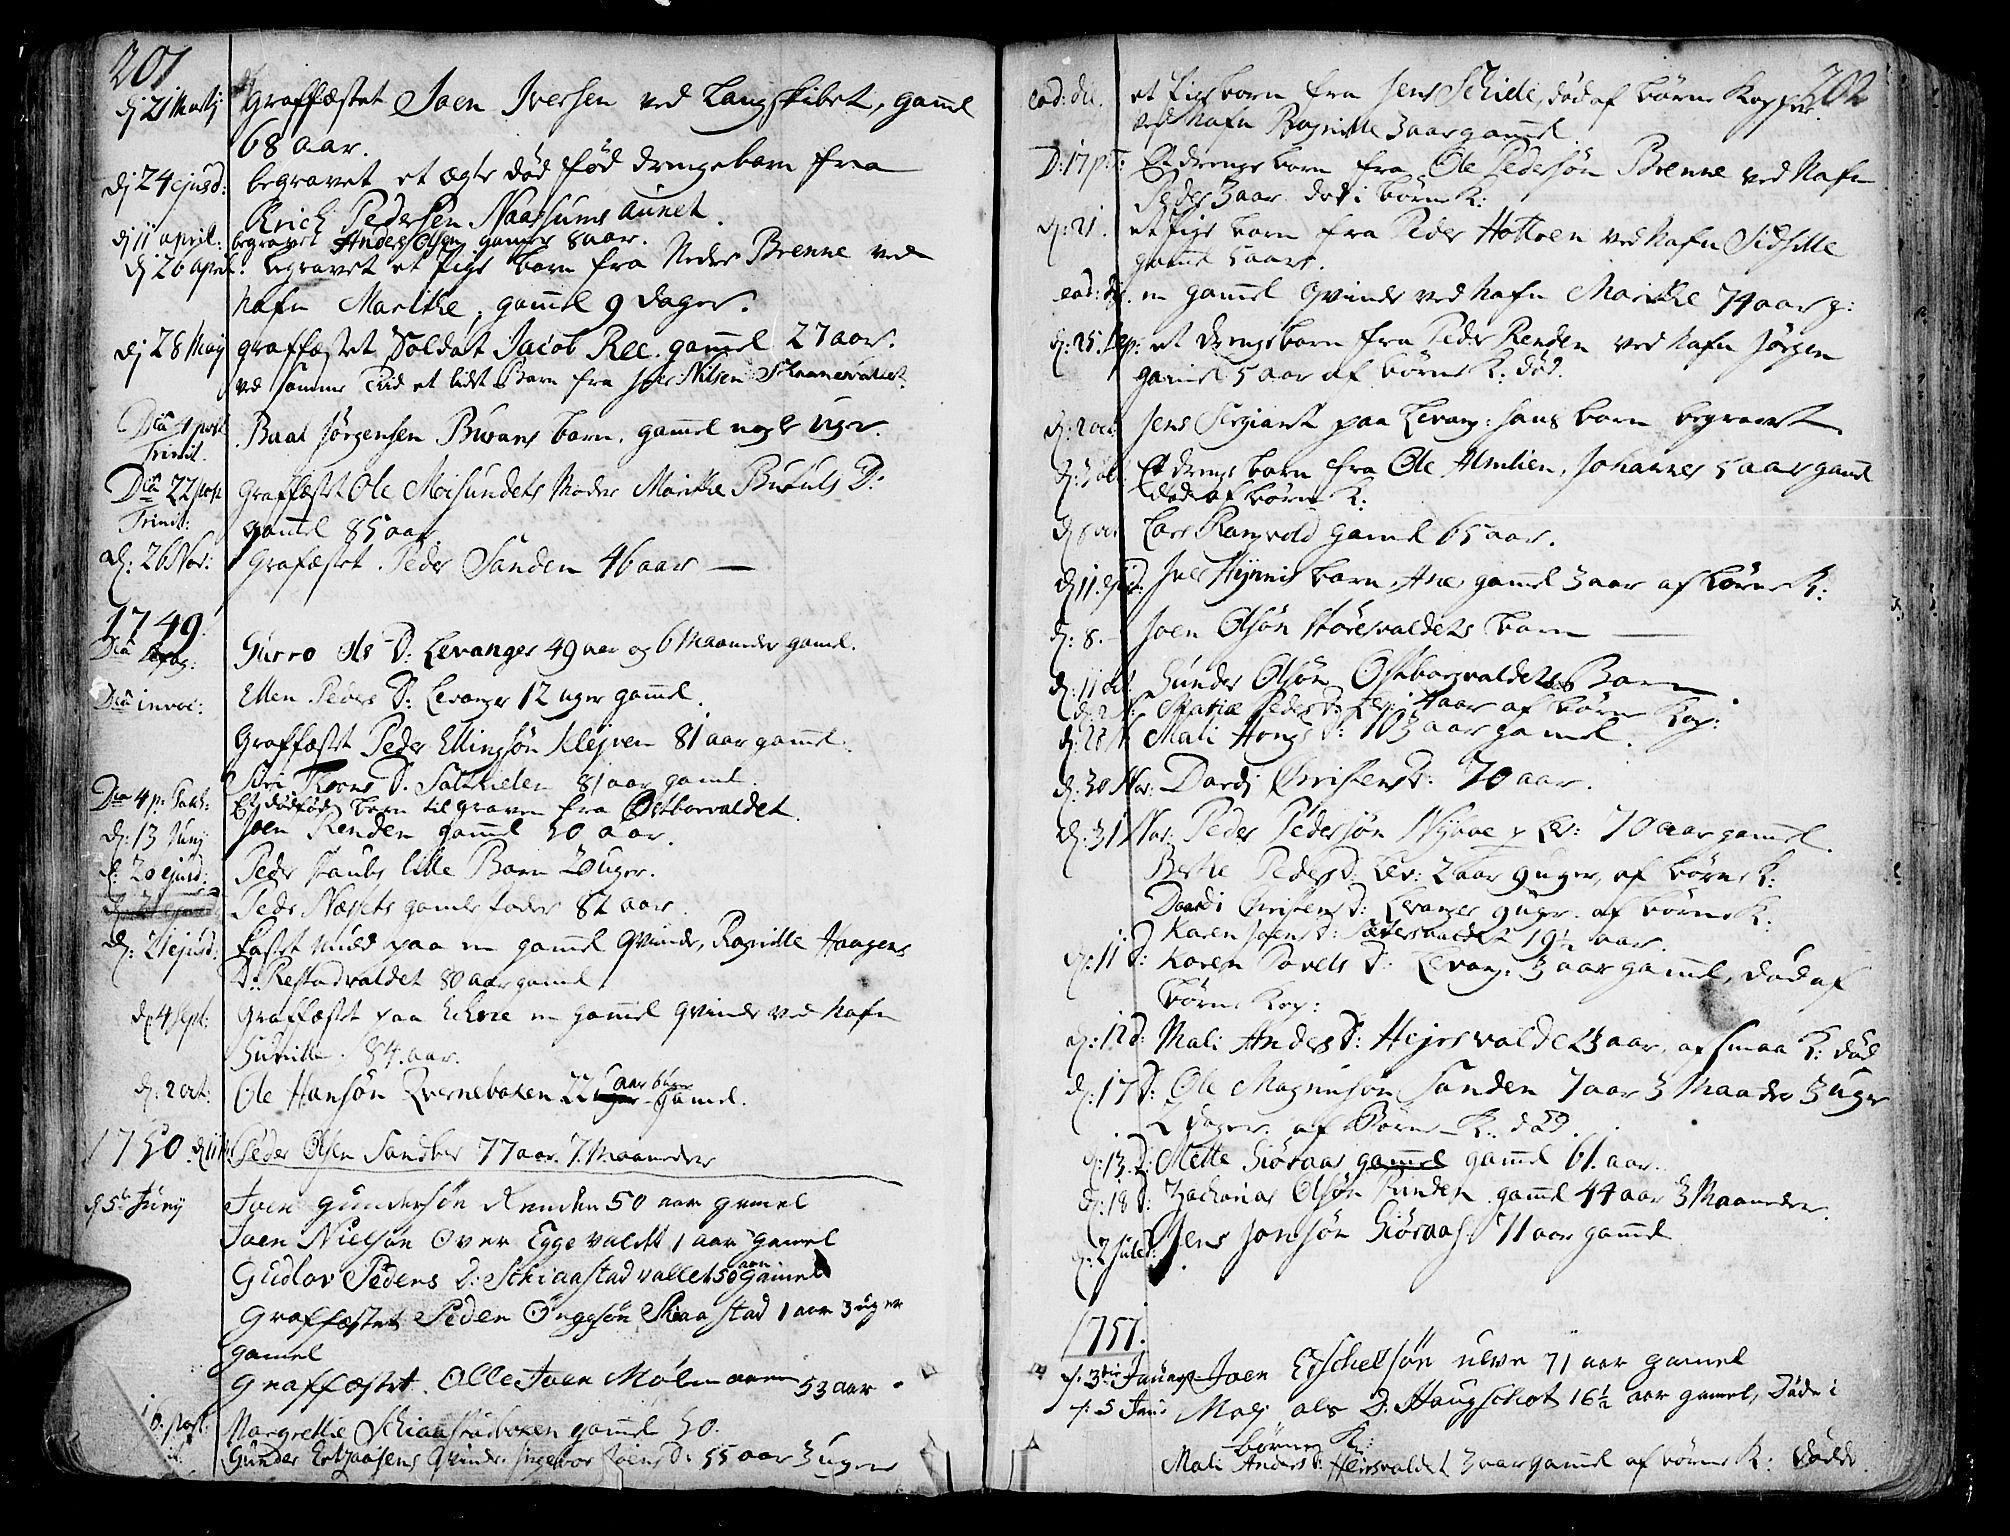 SAT, Ministerialprotokoller, klokkerbøker og fødselsregistre - Nord-Trøndelag, 717/L0141: Ministerialbok nr. 717A01, 1747-1803, s. 201-202